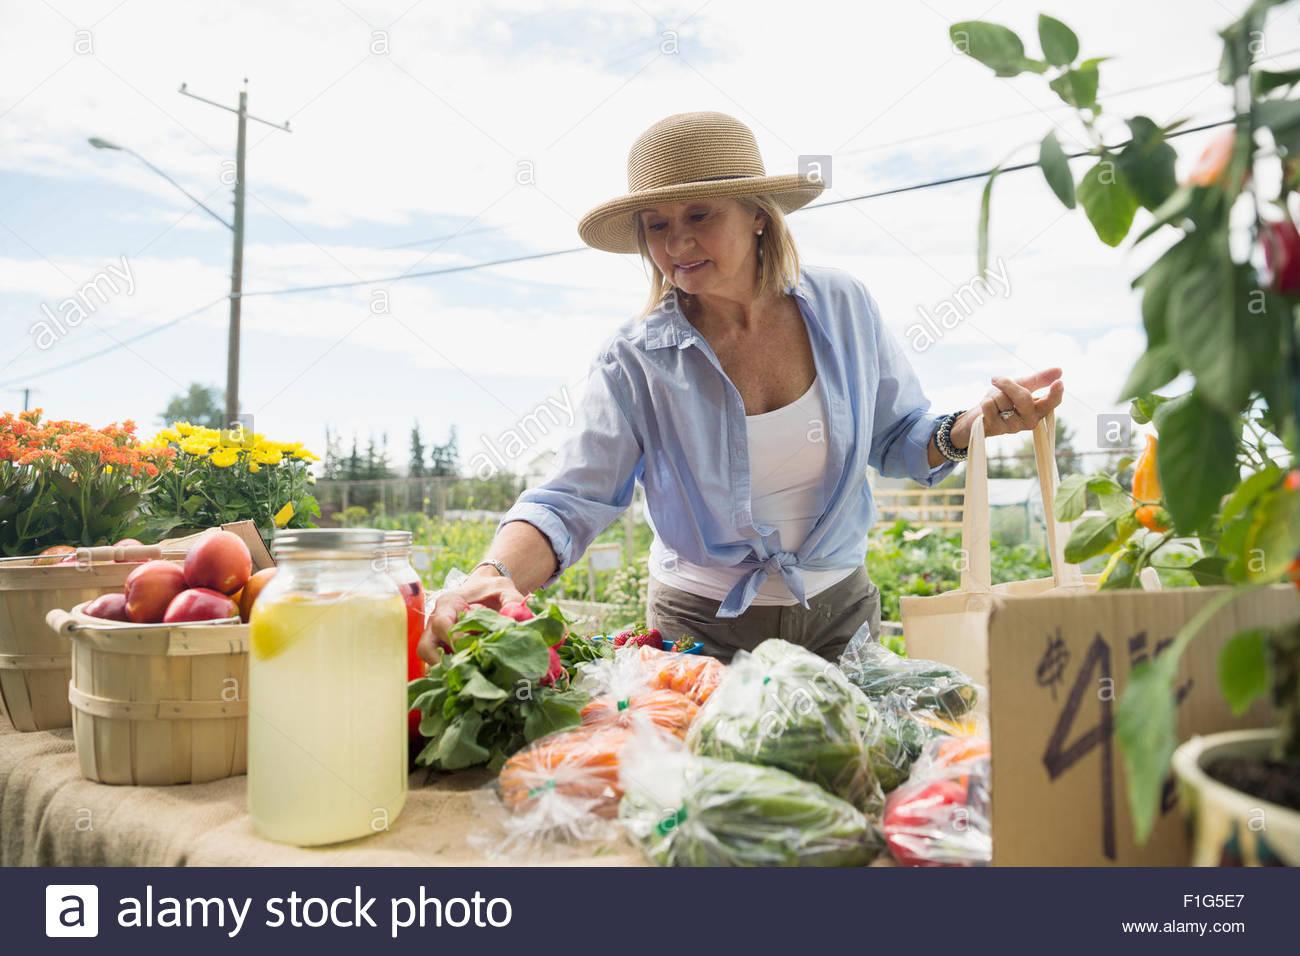 Frau shopping für Frischwaren am Bauernmarkt Stockbild